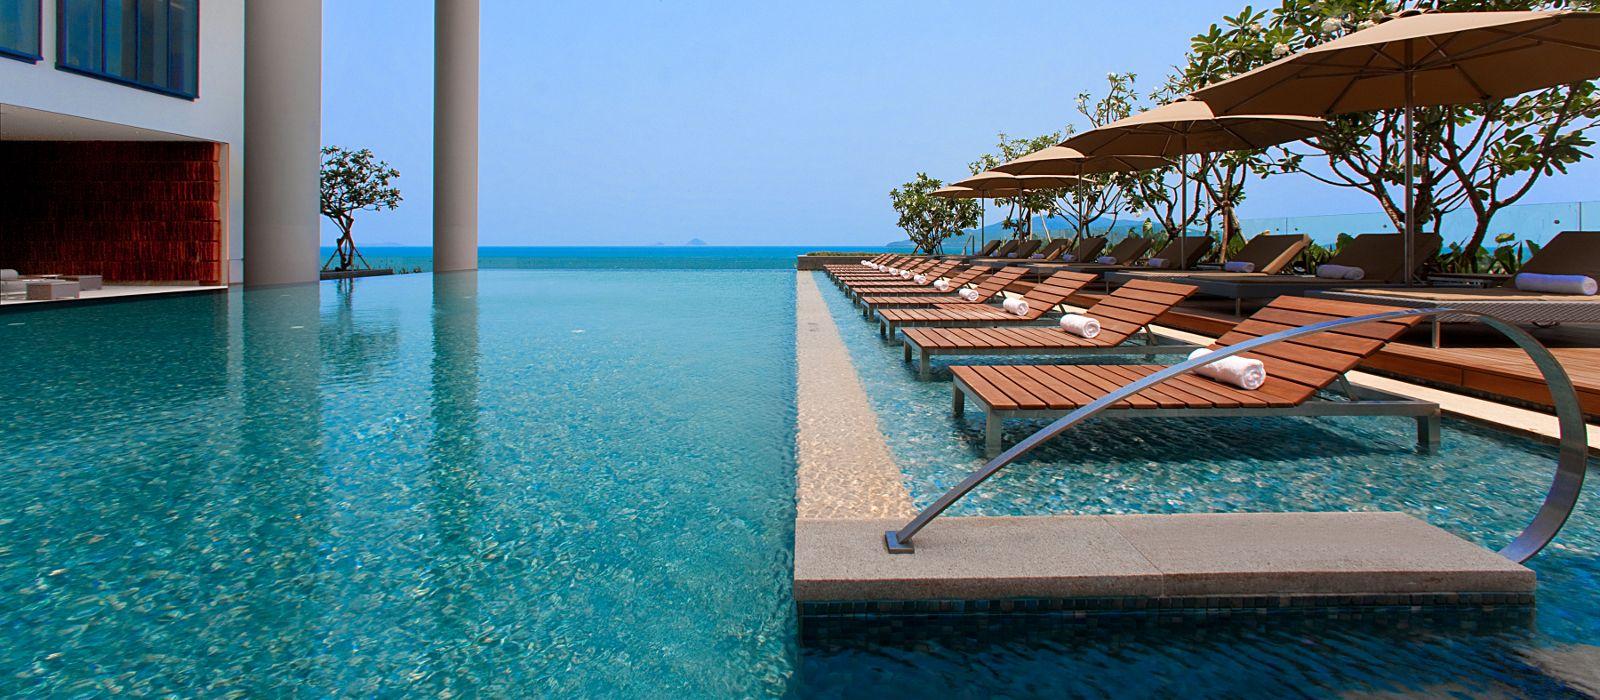 Hotel Sheraton  and Spa (Nha Trang) Vietnam